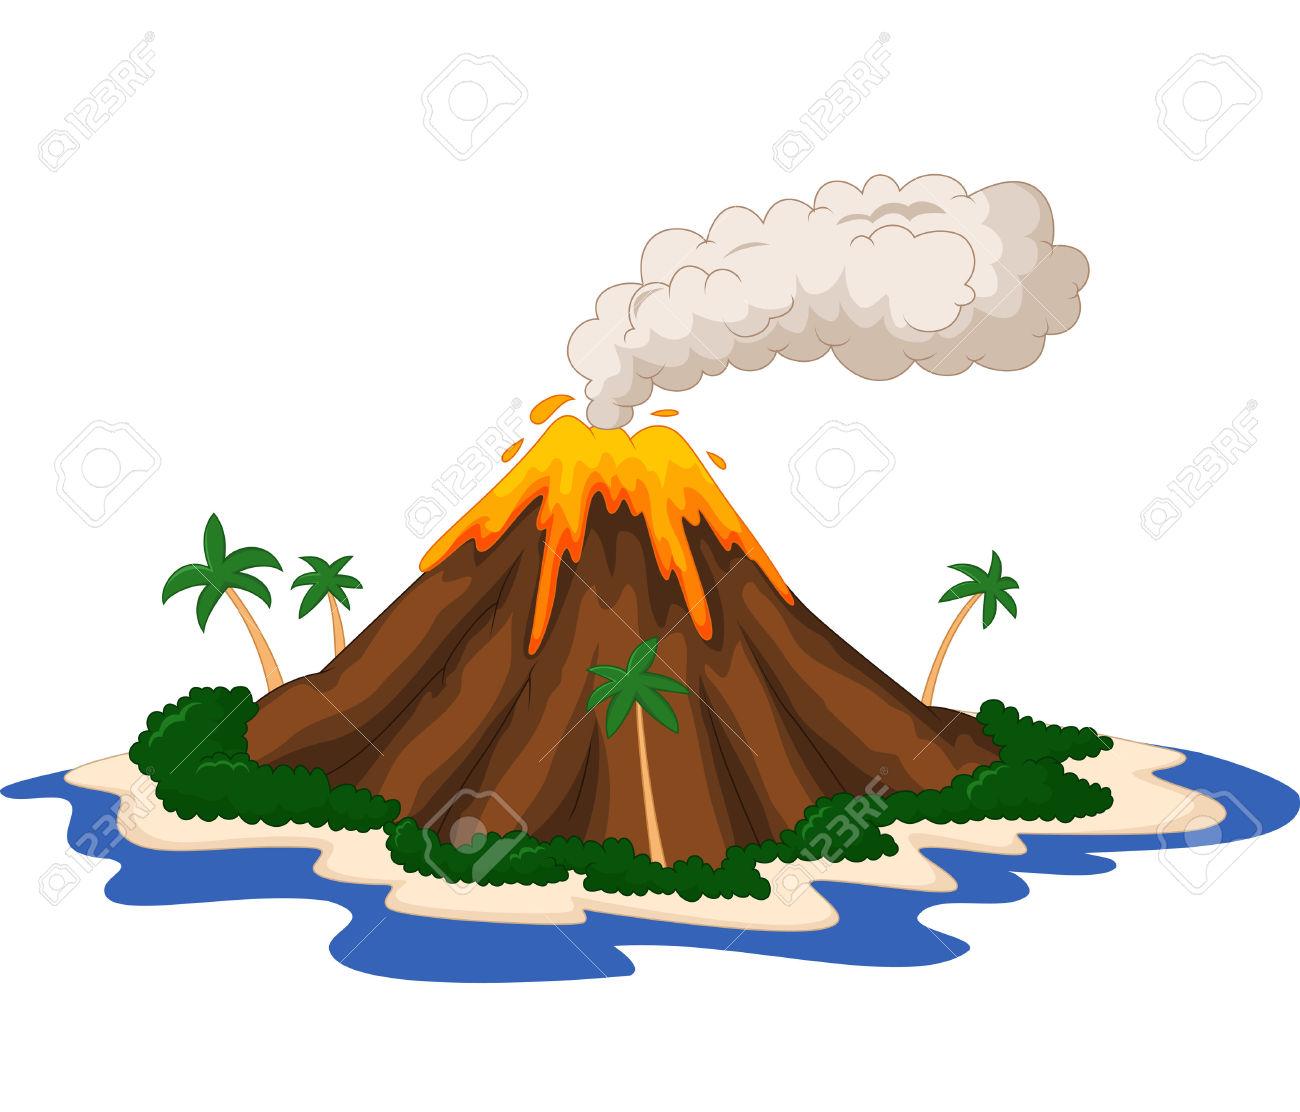 Volcano clipart Com Volcano #5075 #5075 Clipartion